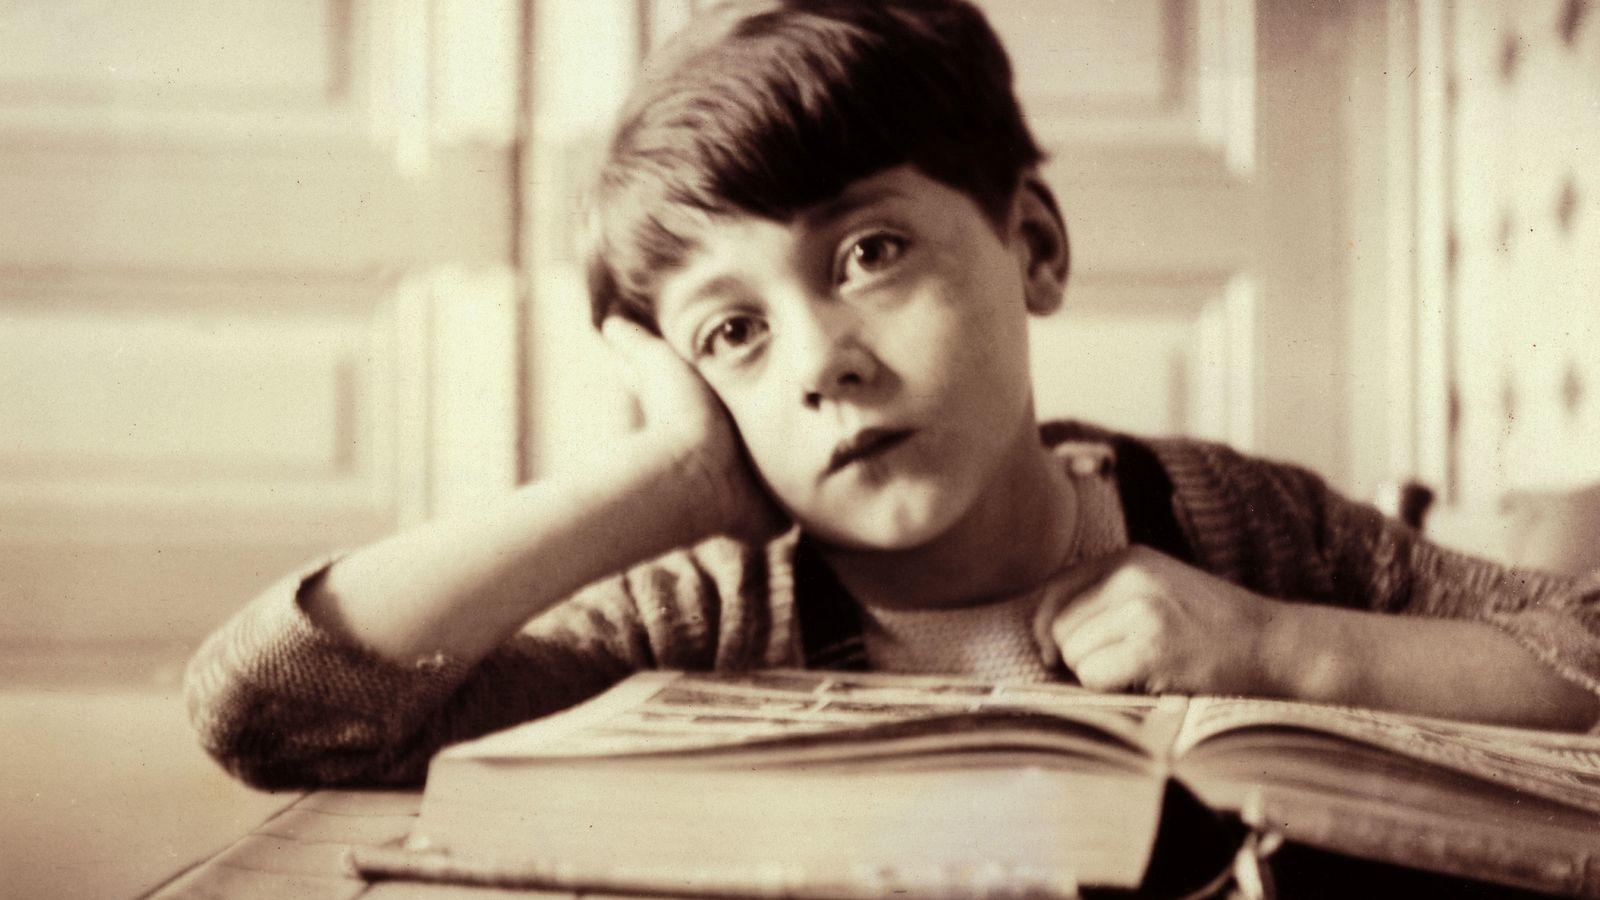 Foto: Esta instantánea de 1936 nos recuerda la cantidad de deberes que los niños tuvieron que hacer durante el siglo XX, y cómo eso puede estar a punto de terminar. (Corbis)